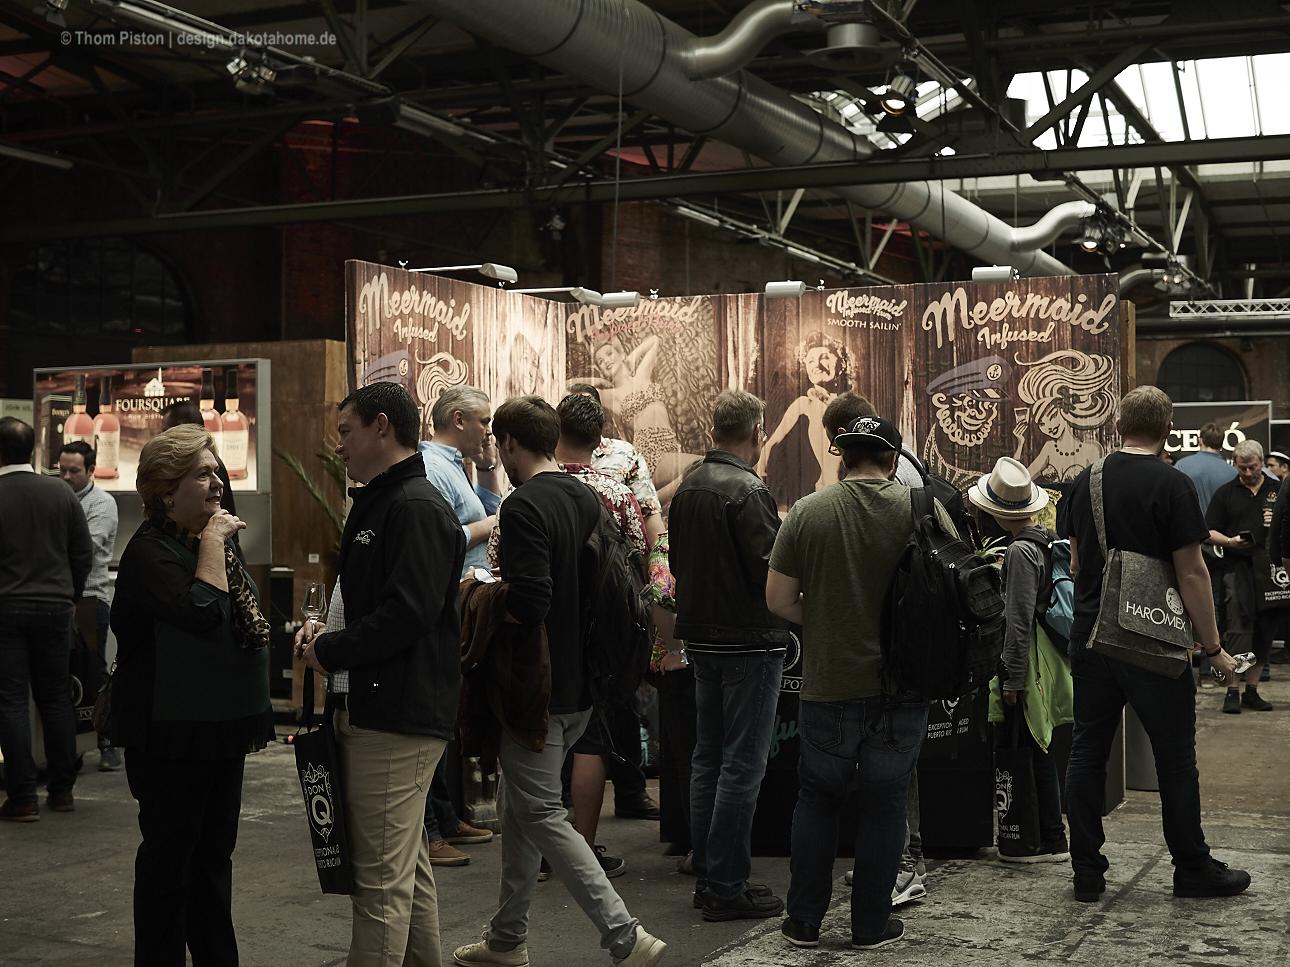 7. German Rum Festival, Meermaid Rum Booth, Design: Thom Piston